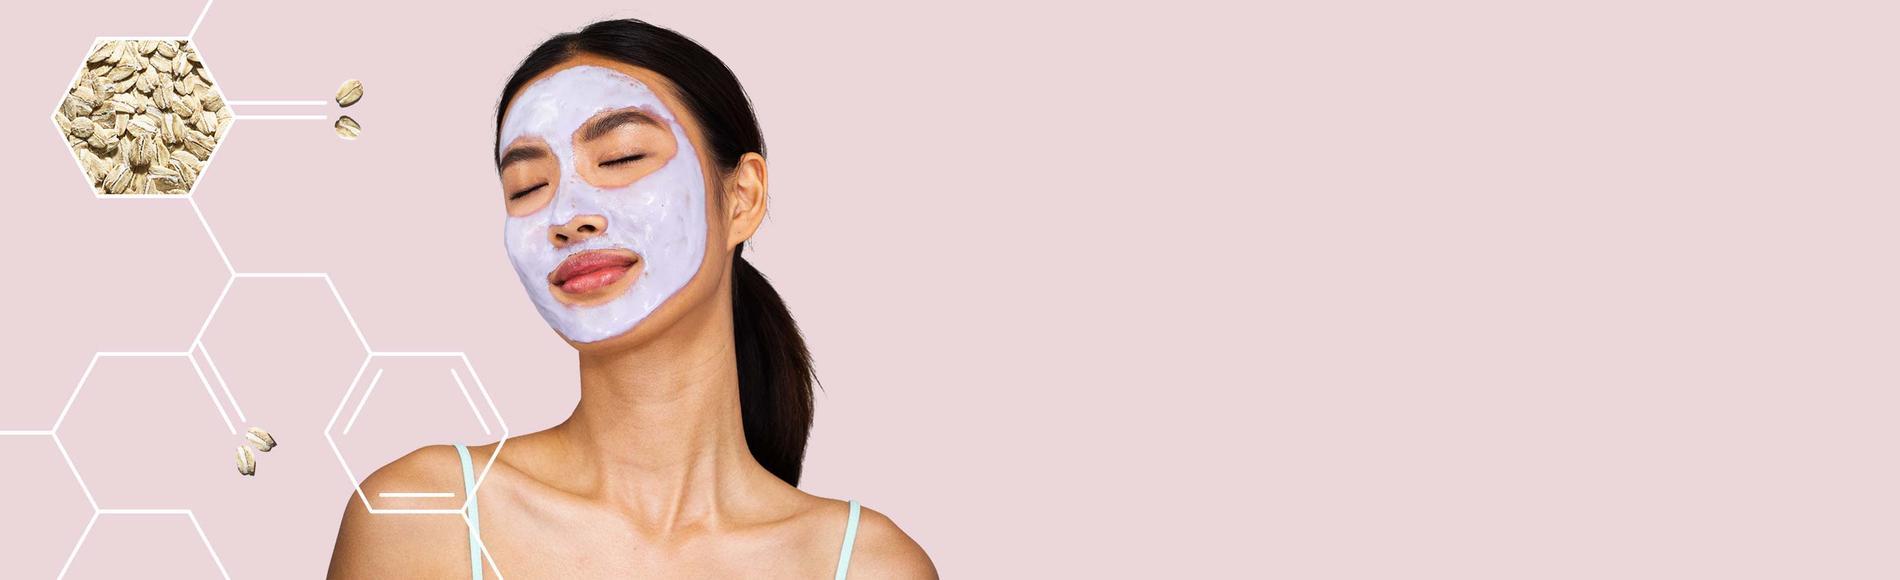 woman wearing Aveeno face mask